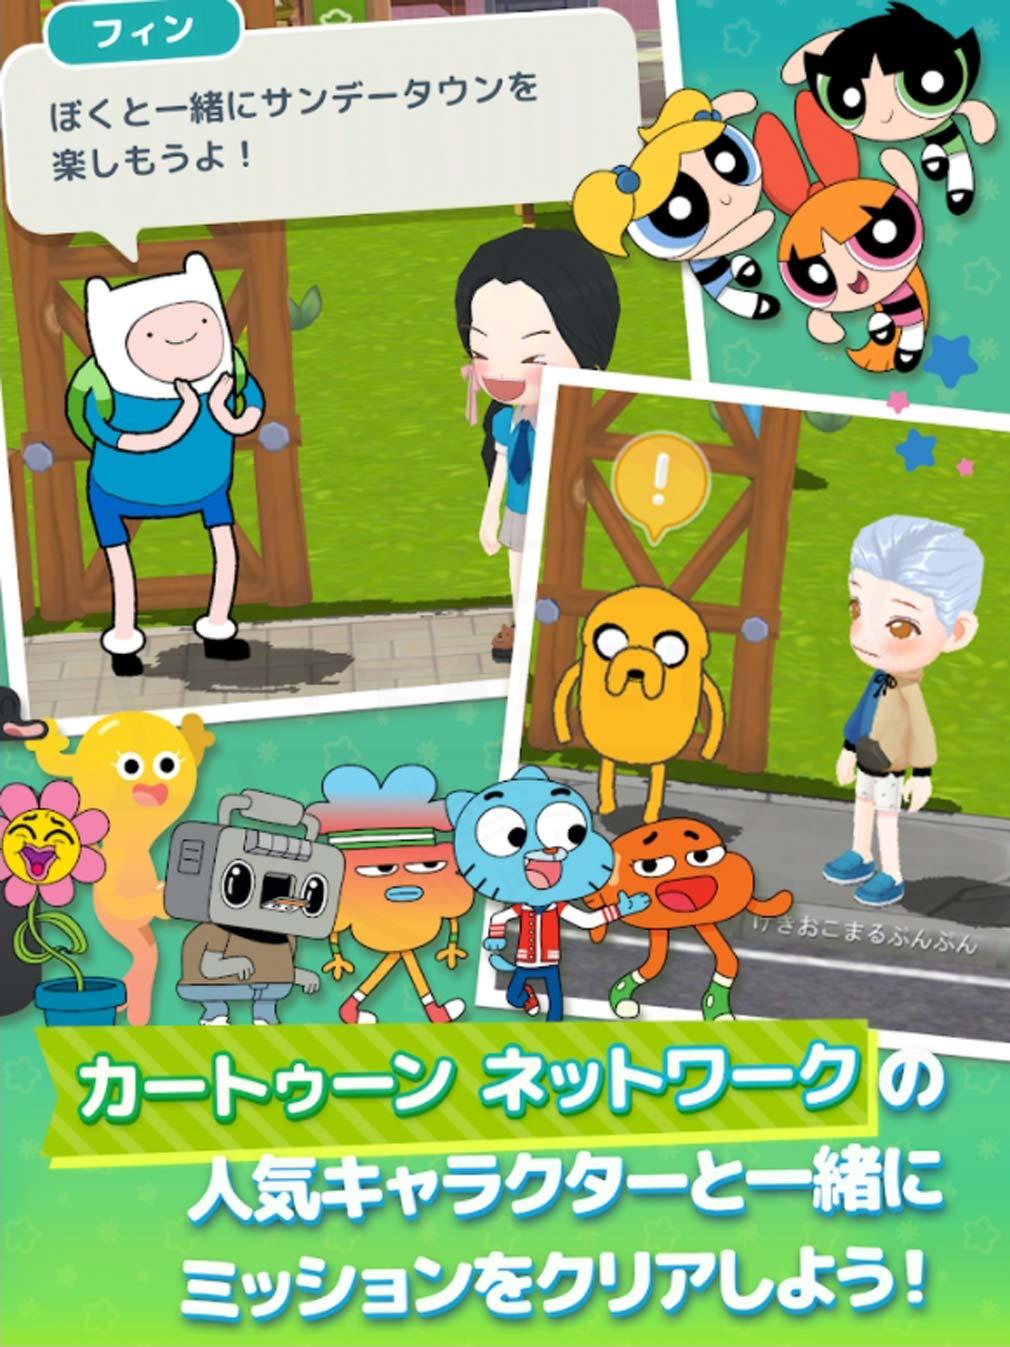 Cartoon Network SundayTown(カートゥーン・ネットワーク サンデータウン) CNお馴染みのキャラが登場する紹介イメージ